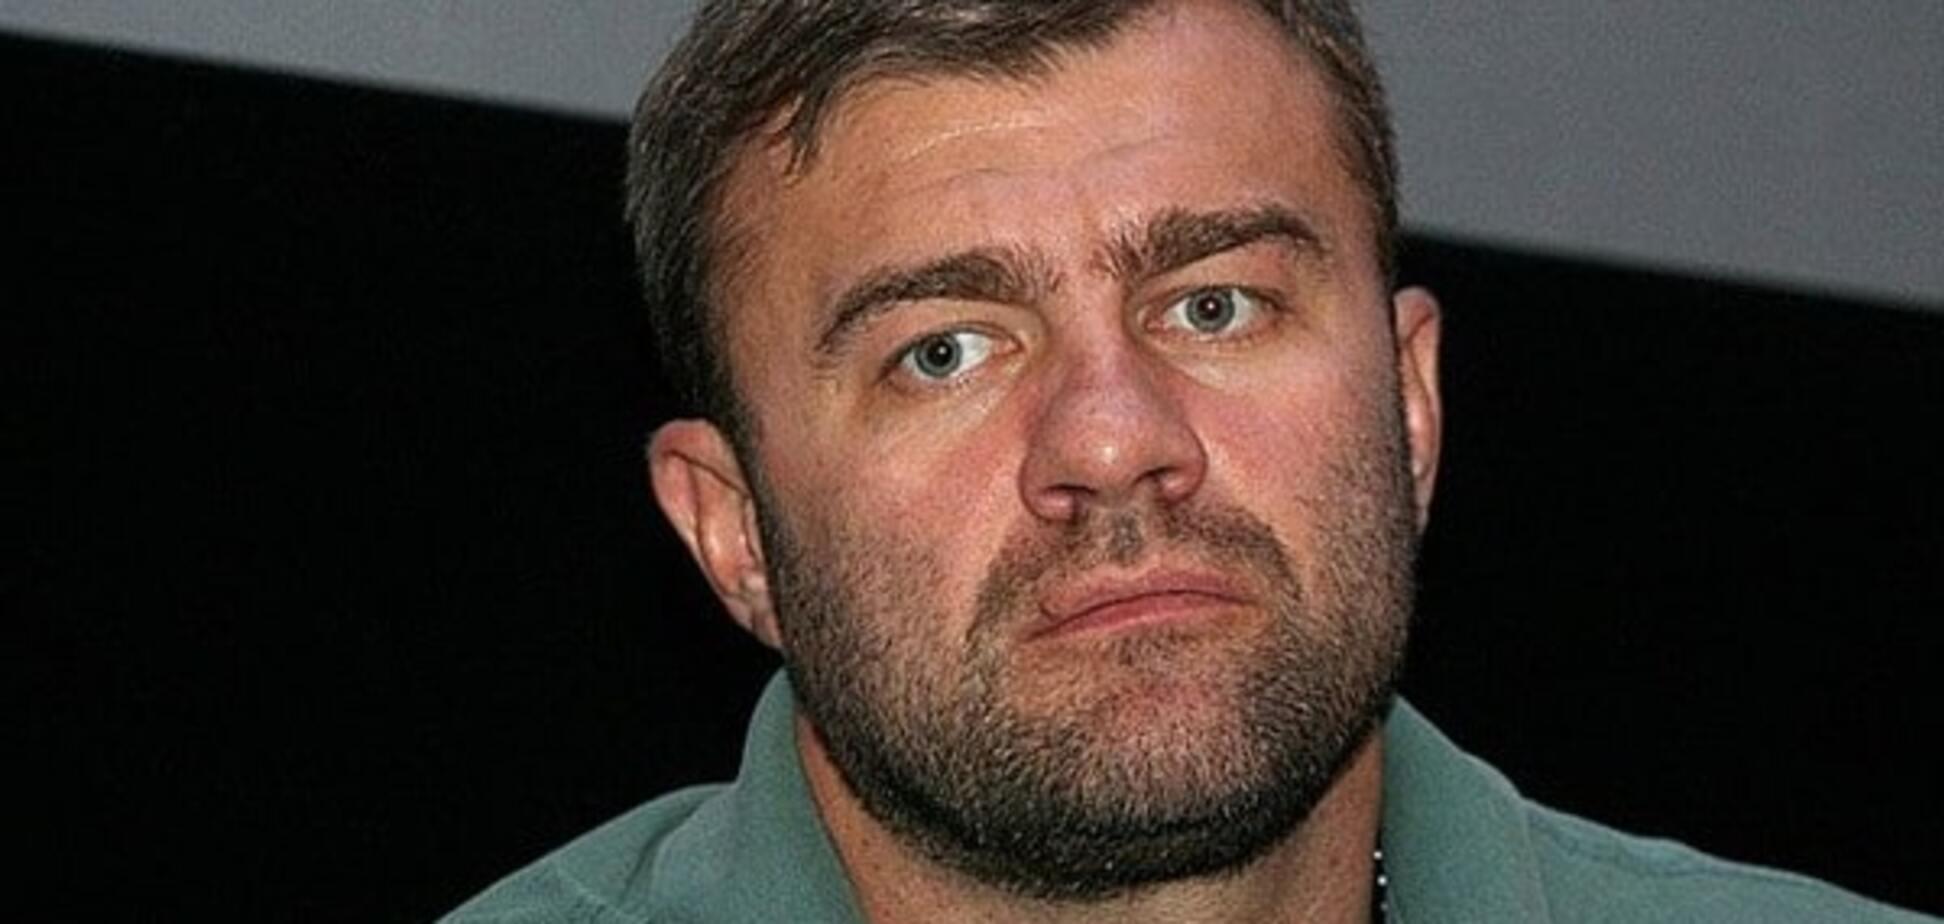 ''М*дака сняли из брезгливости'': в России отреагировали на жалобы Пореченкова из-за ''ДНР''